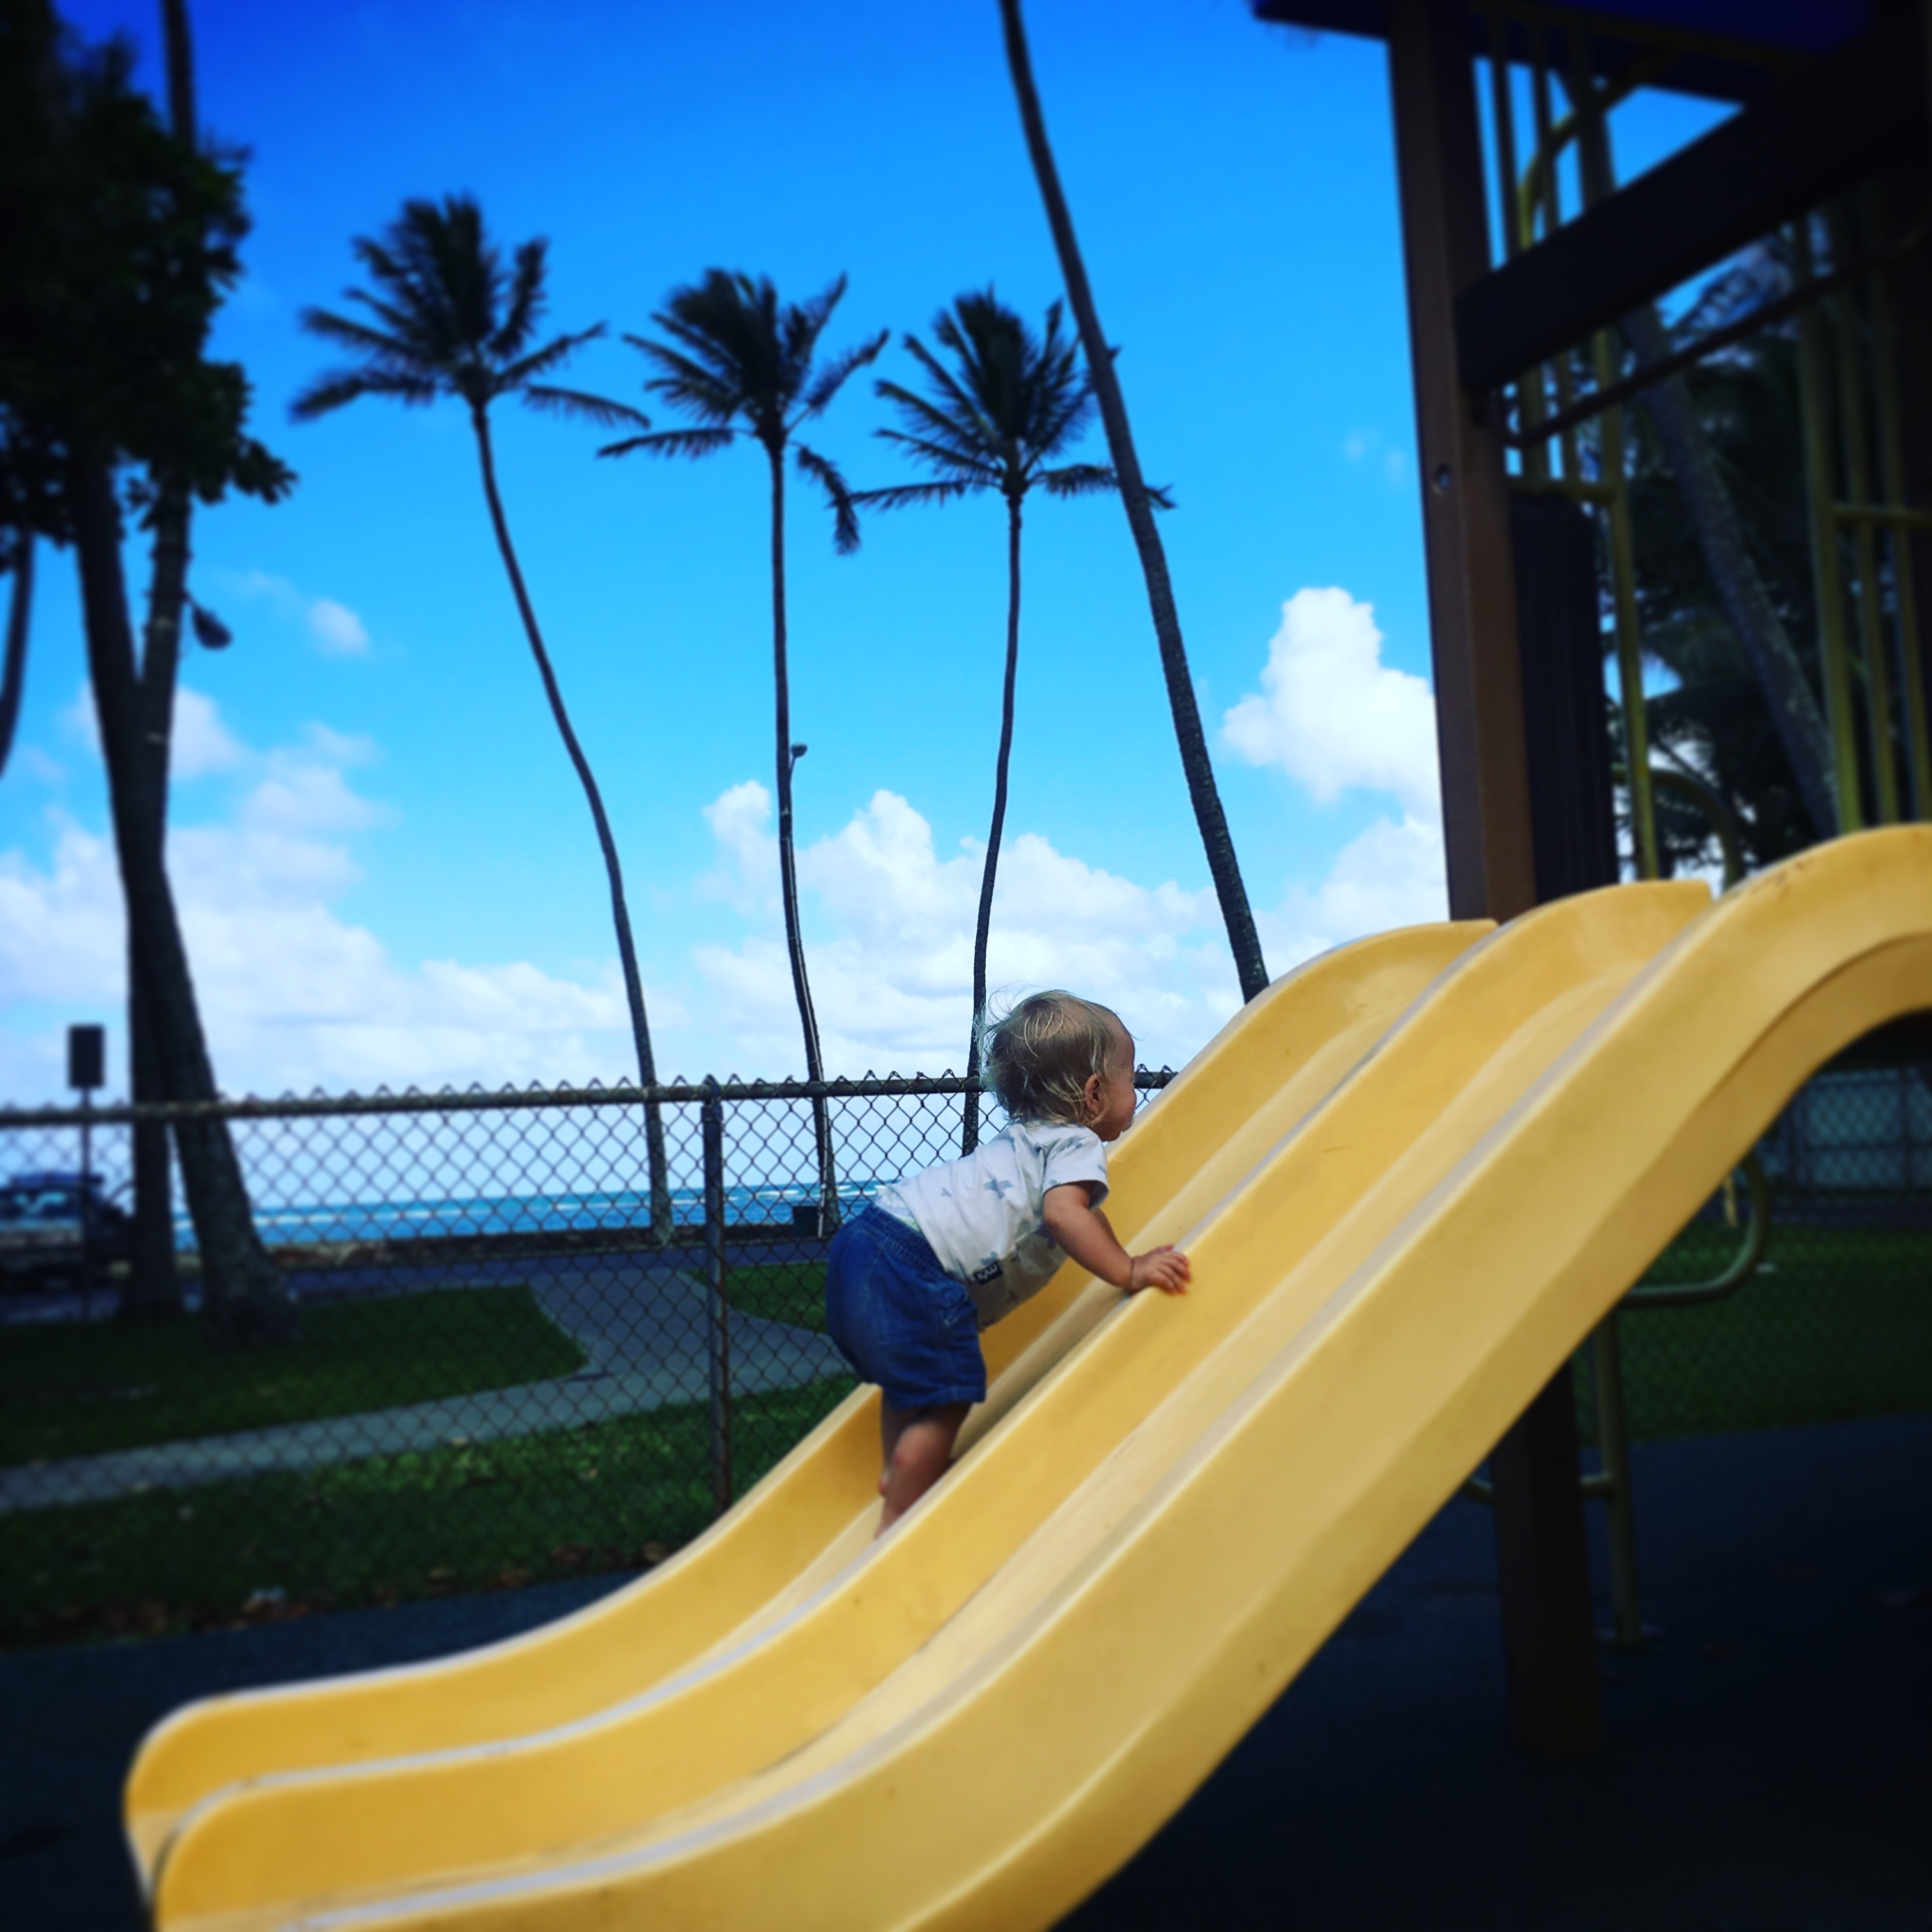 f243aa6fd TheTinyTravelers » Blog Archive Ferienprogramm für Kinder UND Eltern ...